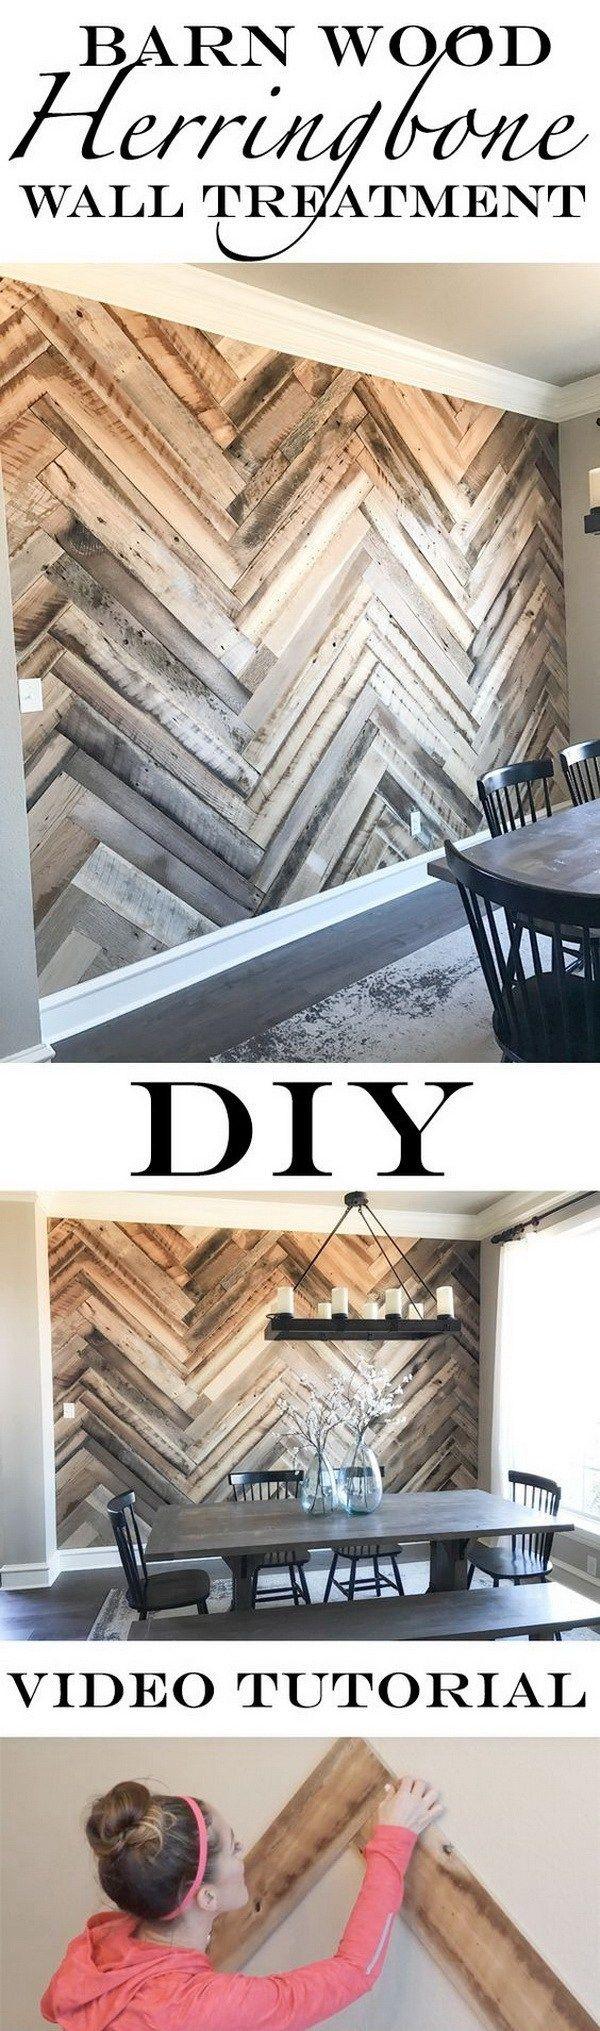 Best 10+ Wall treatments ideas on Pinterest | Wood walls ...